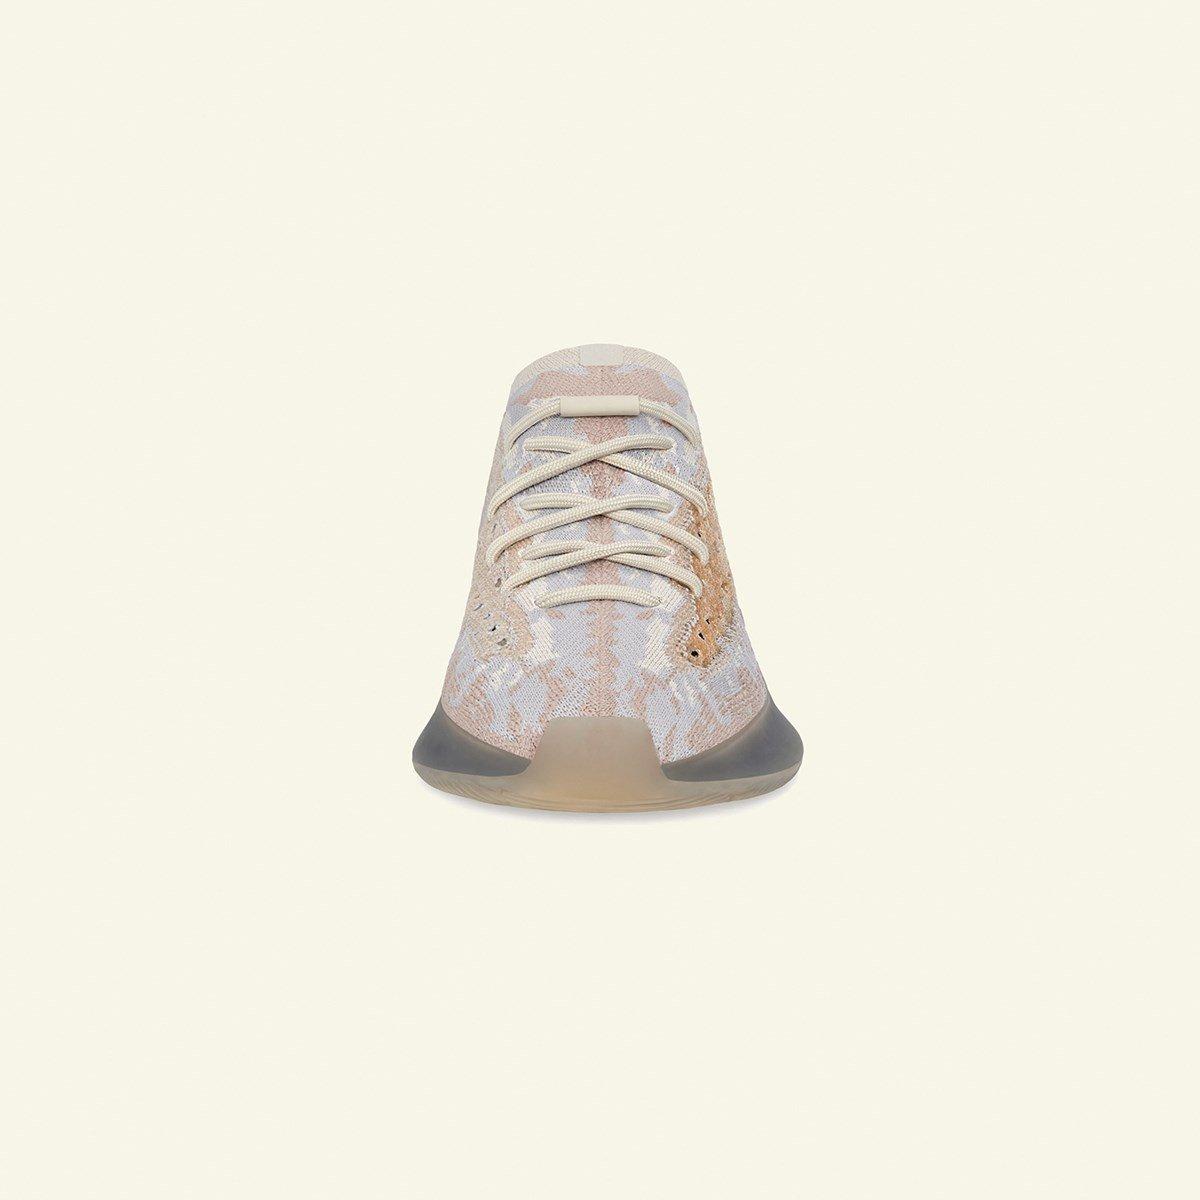 Yeezy Boost 380 FZ1269 04